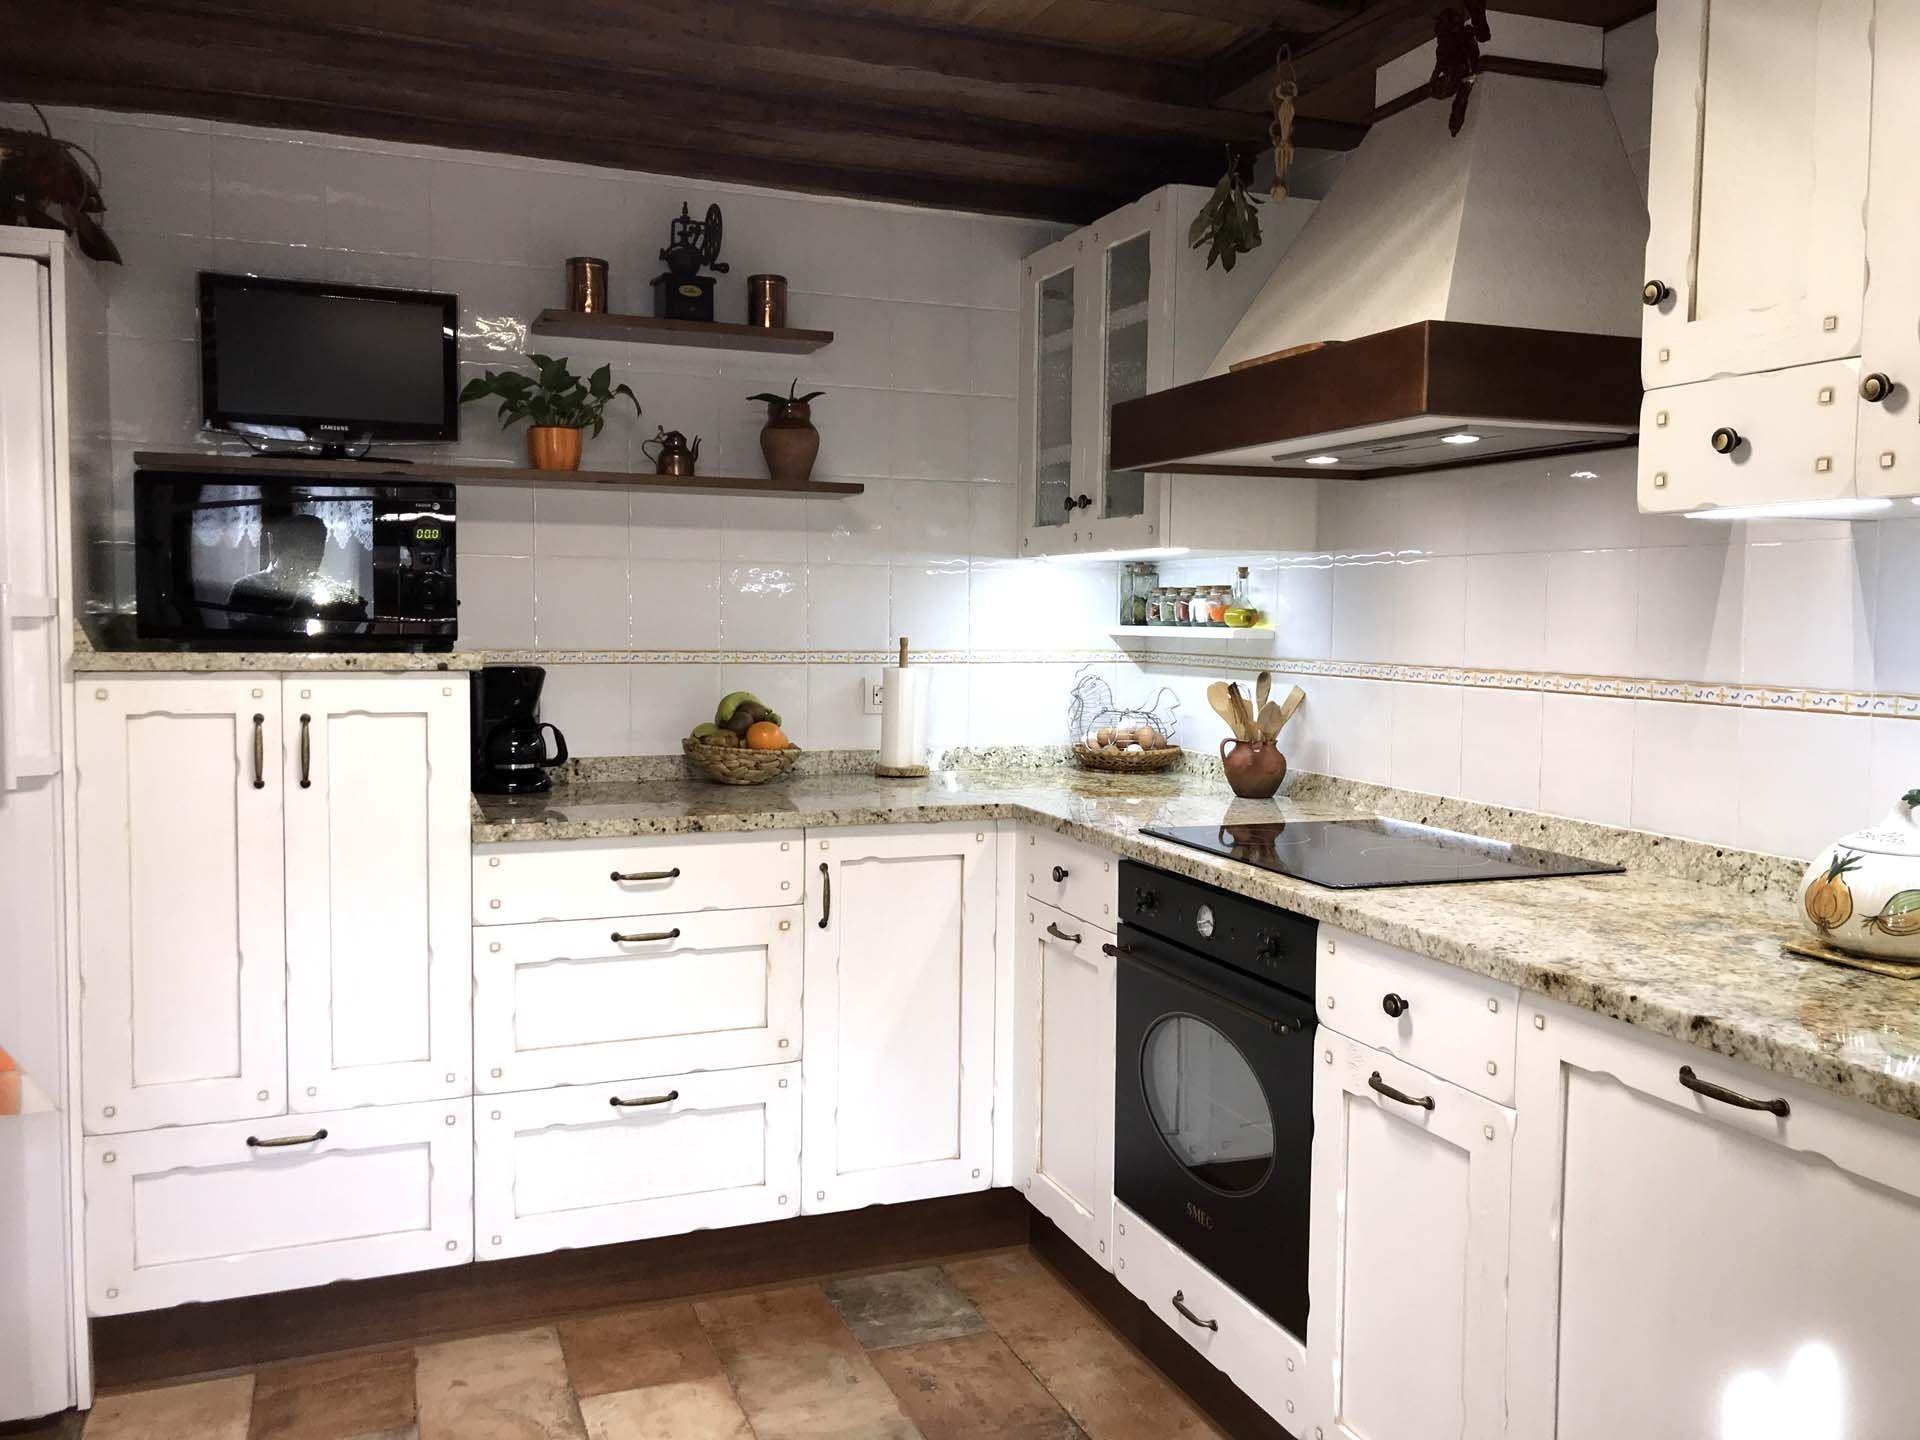 COCINA EN MADERA DE ROBLE MODELO CASTILLA Se trata de una cocina que ...